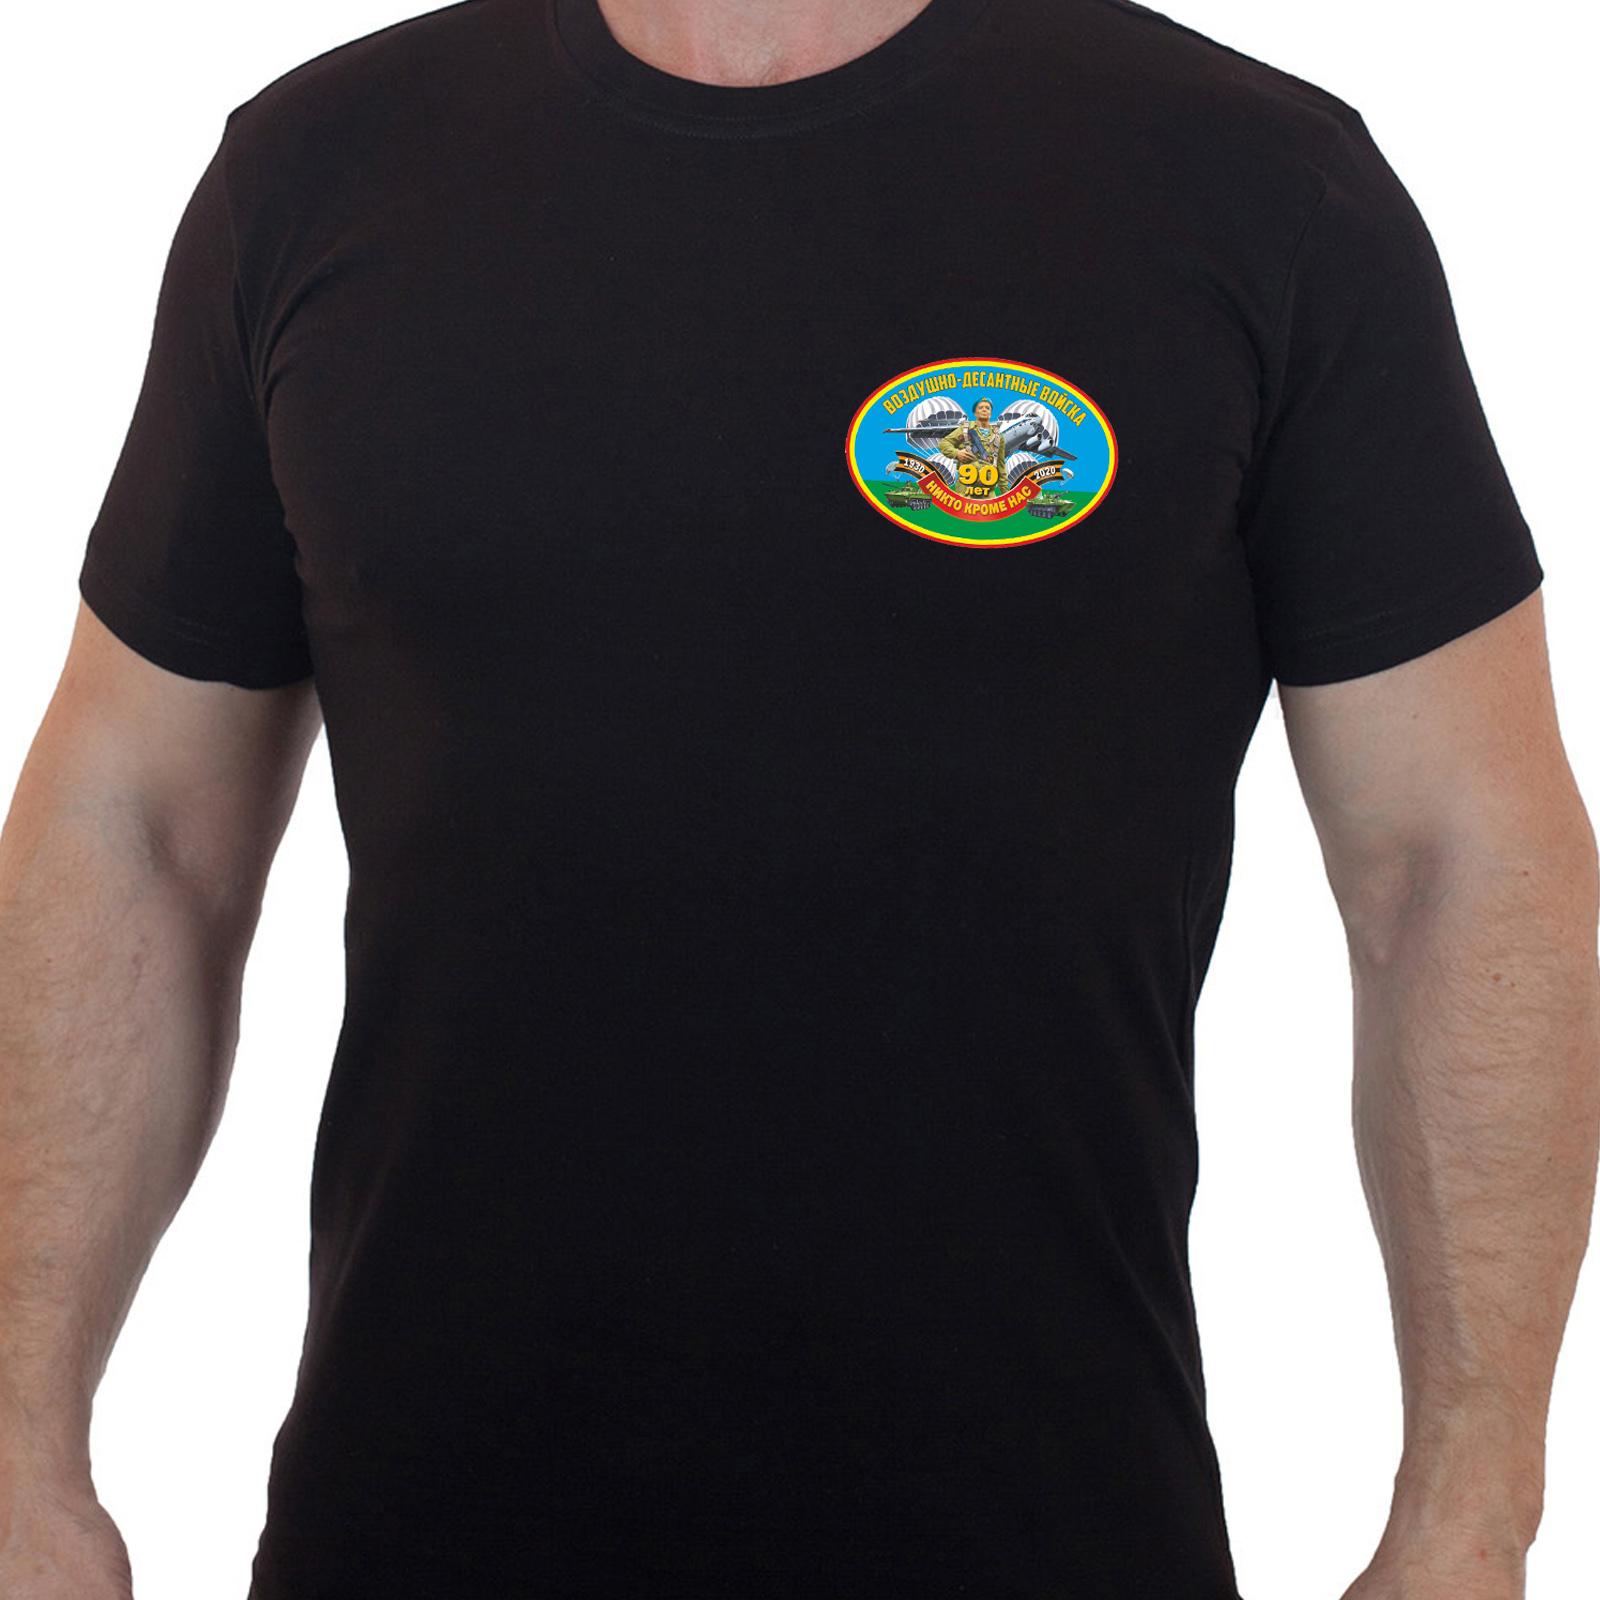 Чёрная футболка к 90-летнему юбилею ВДВ